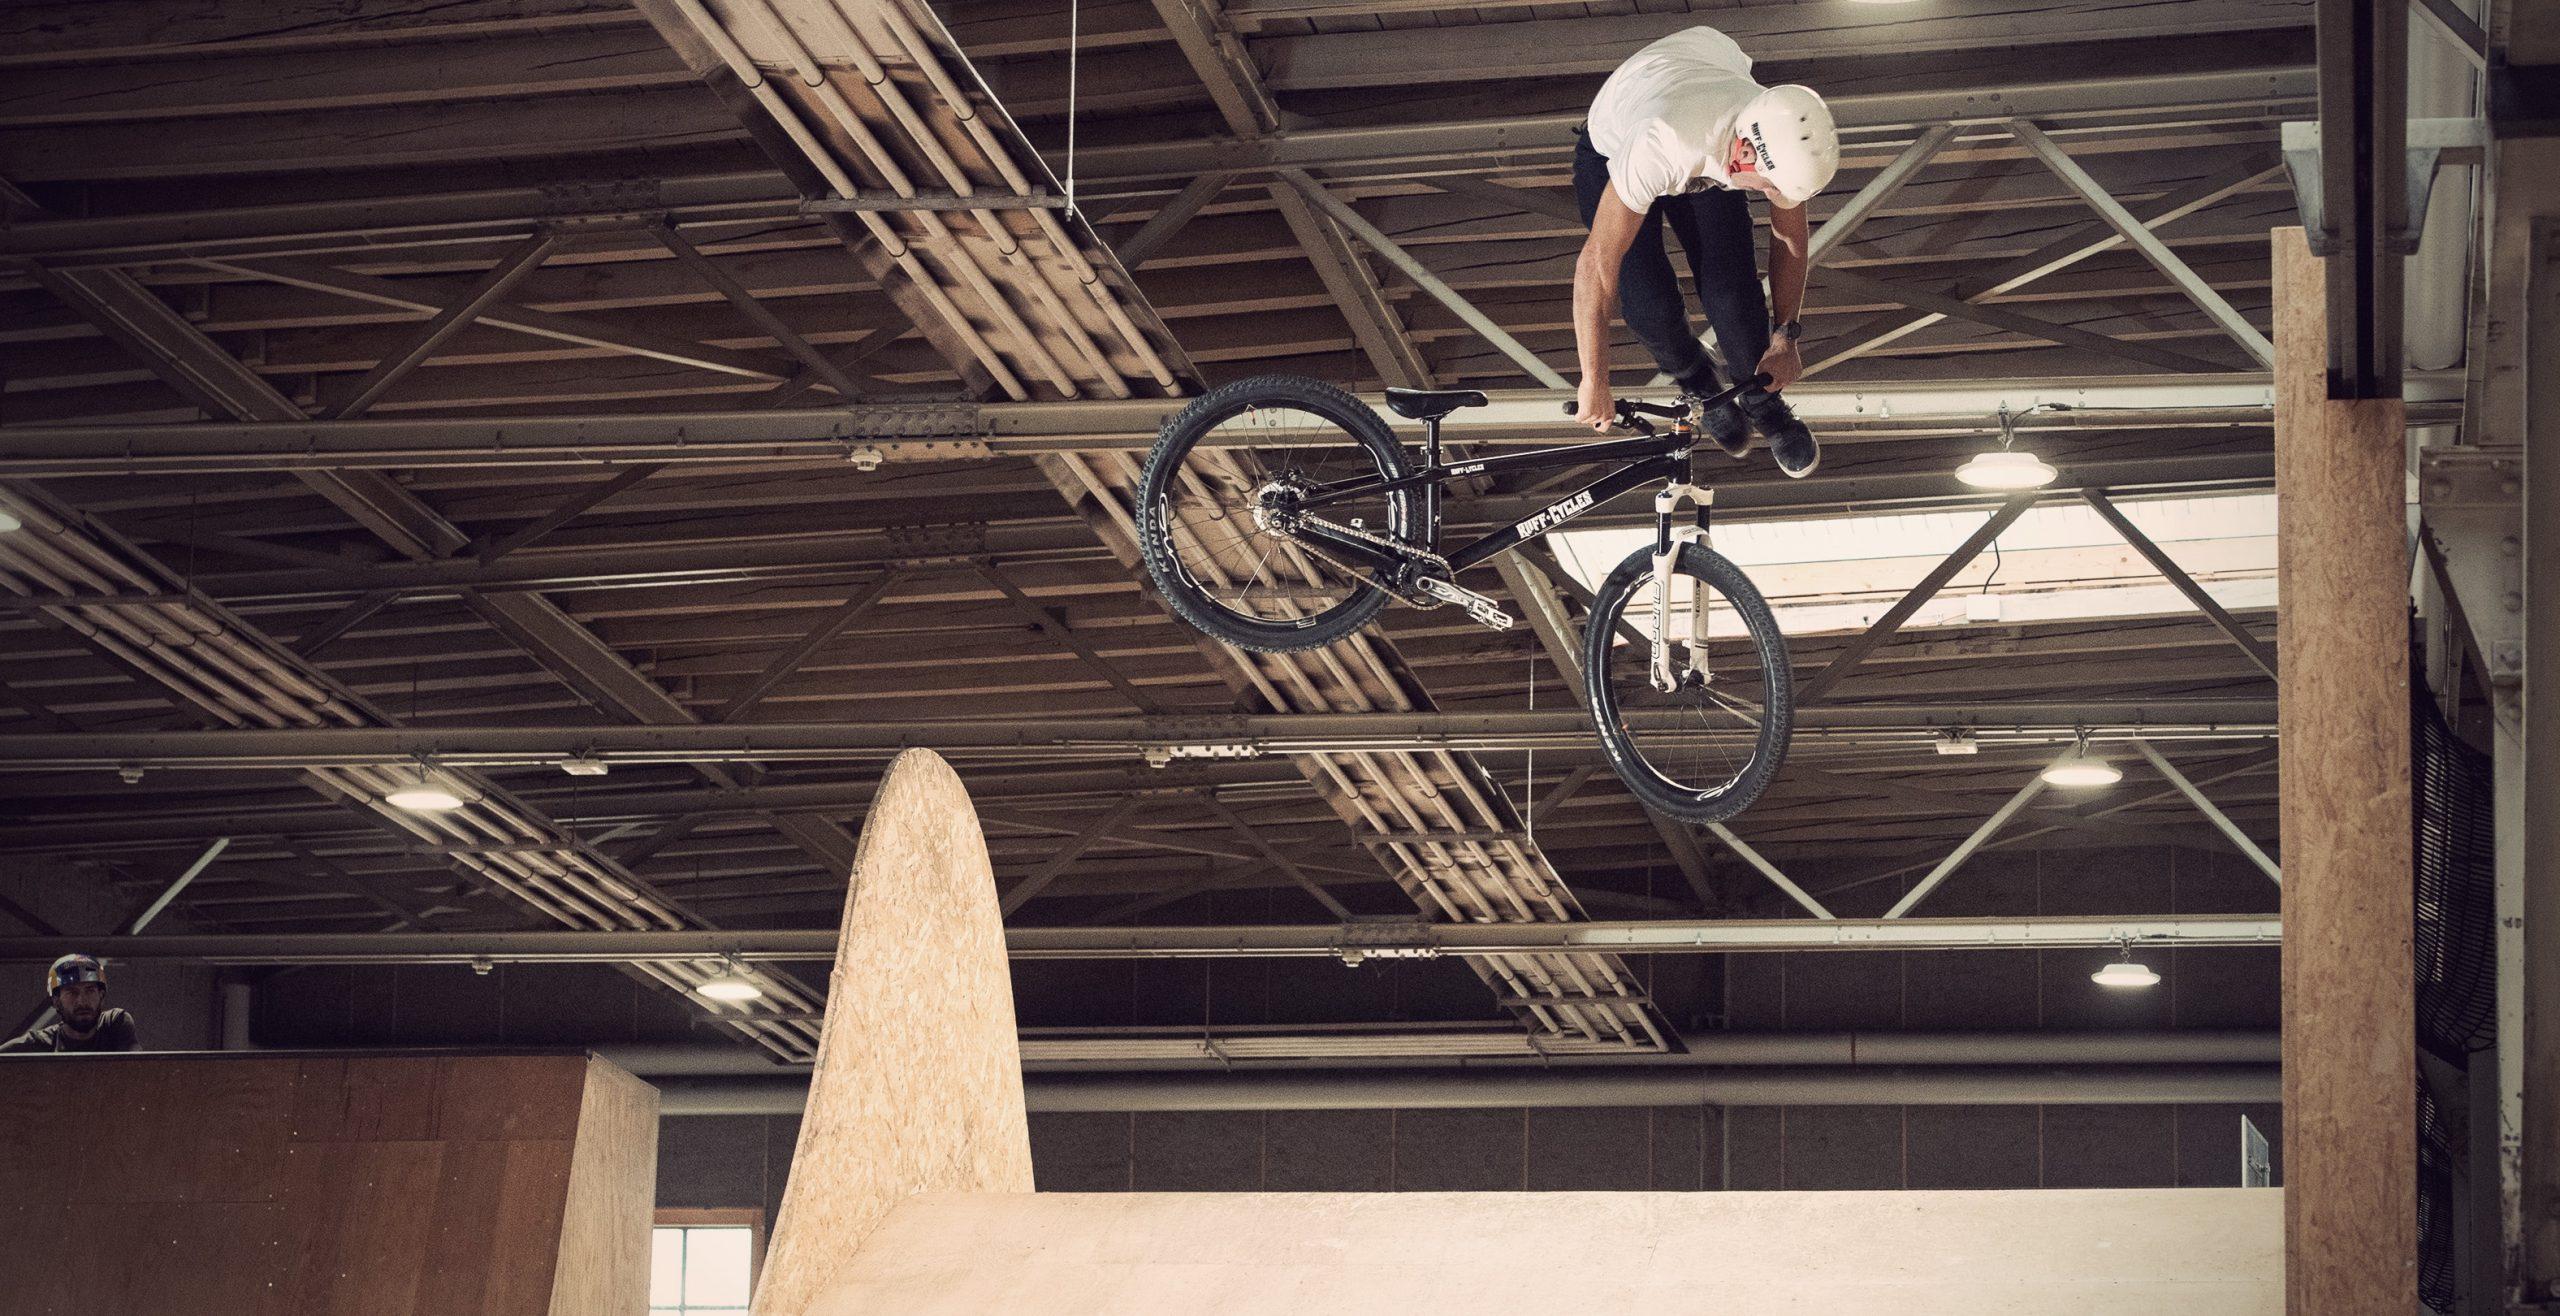 Lucas Huppert Skillspark 360 Downside Tailwhip